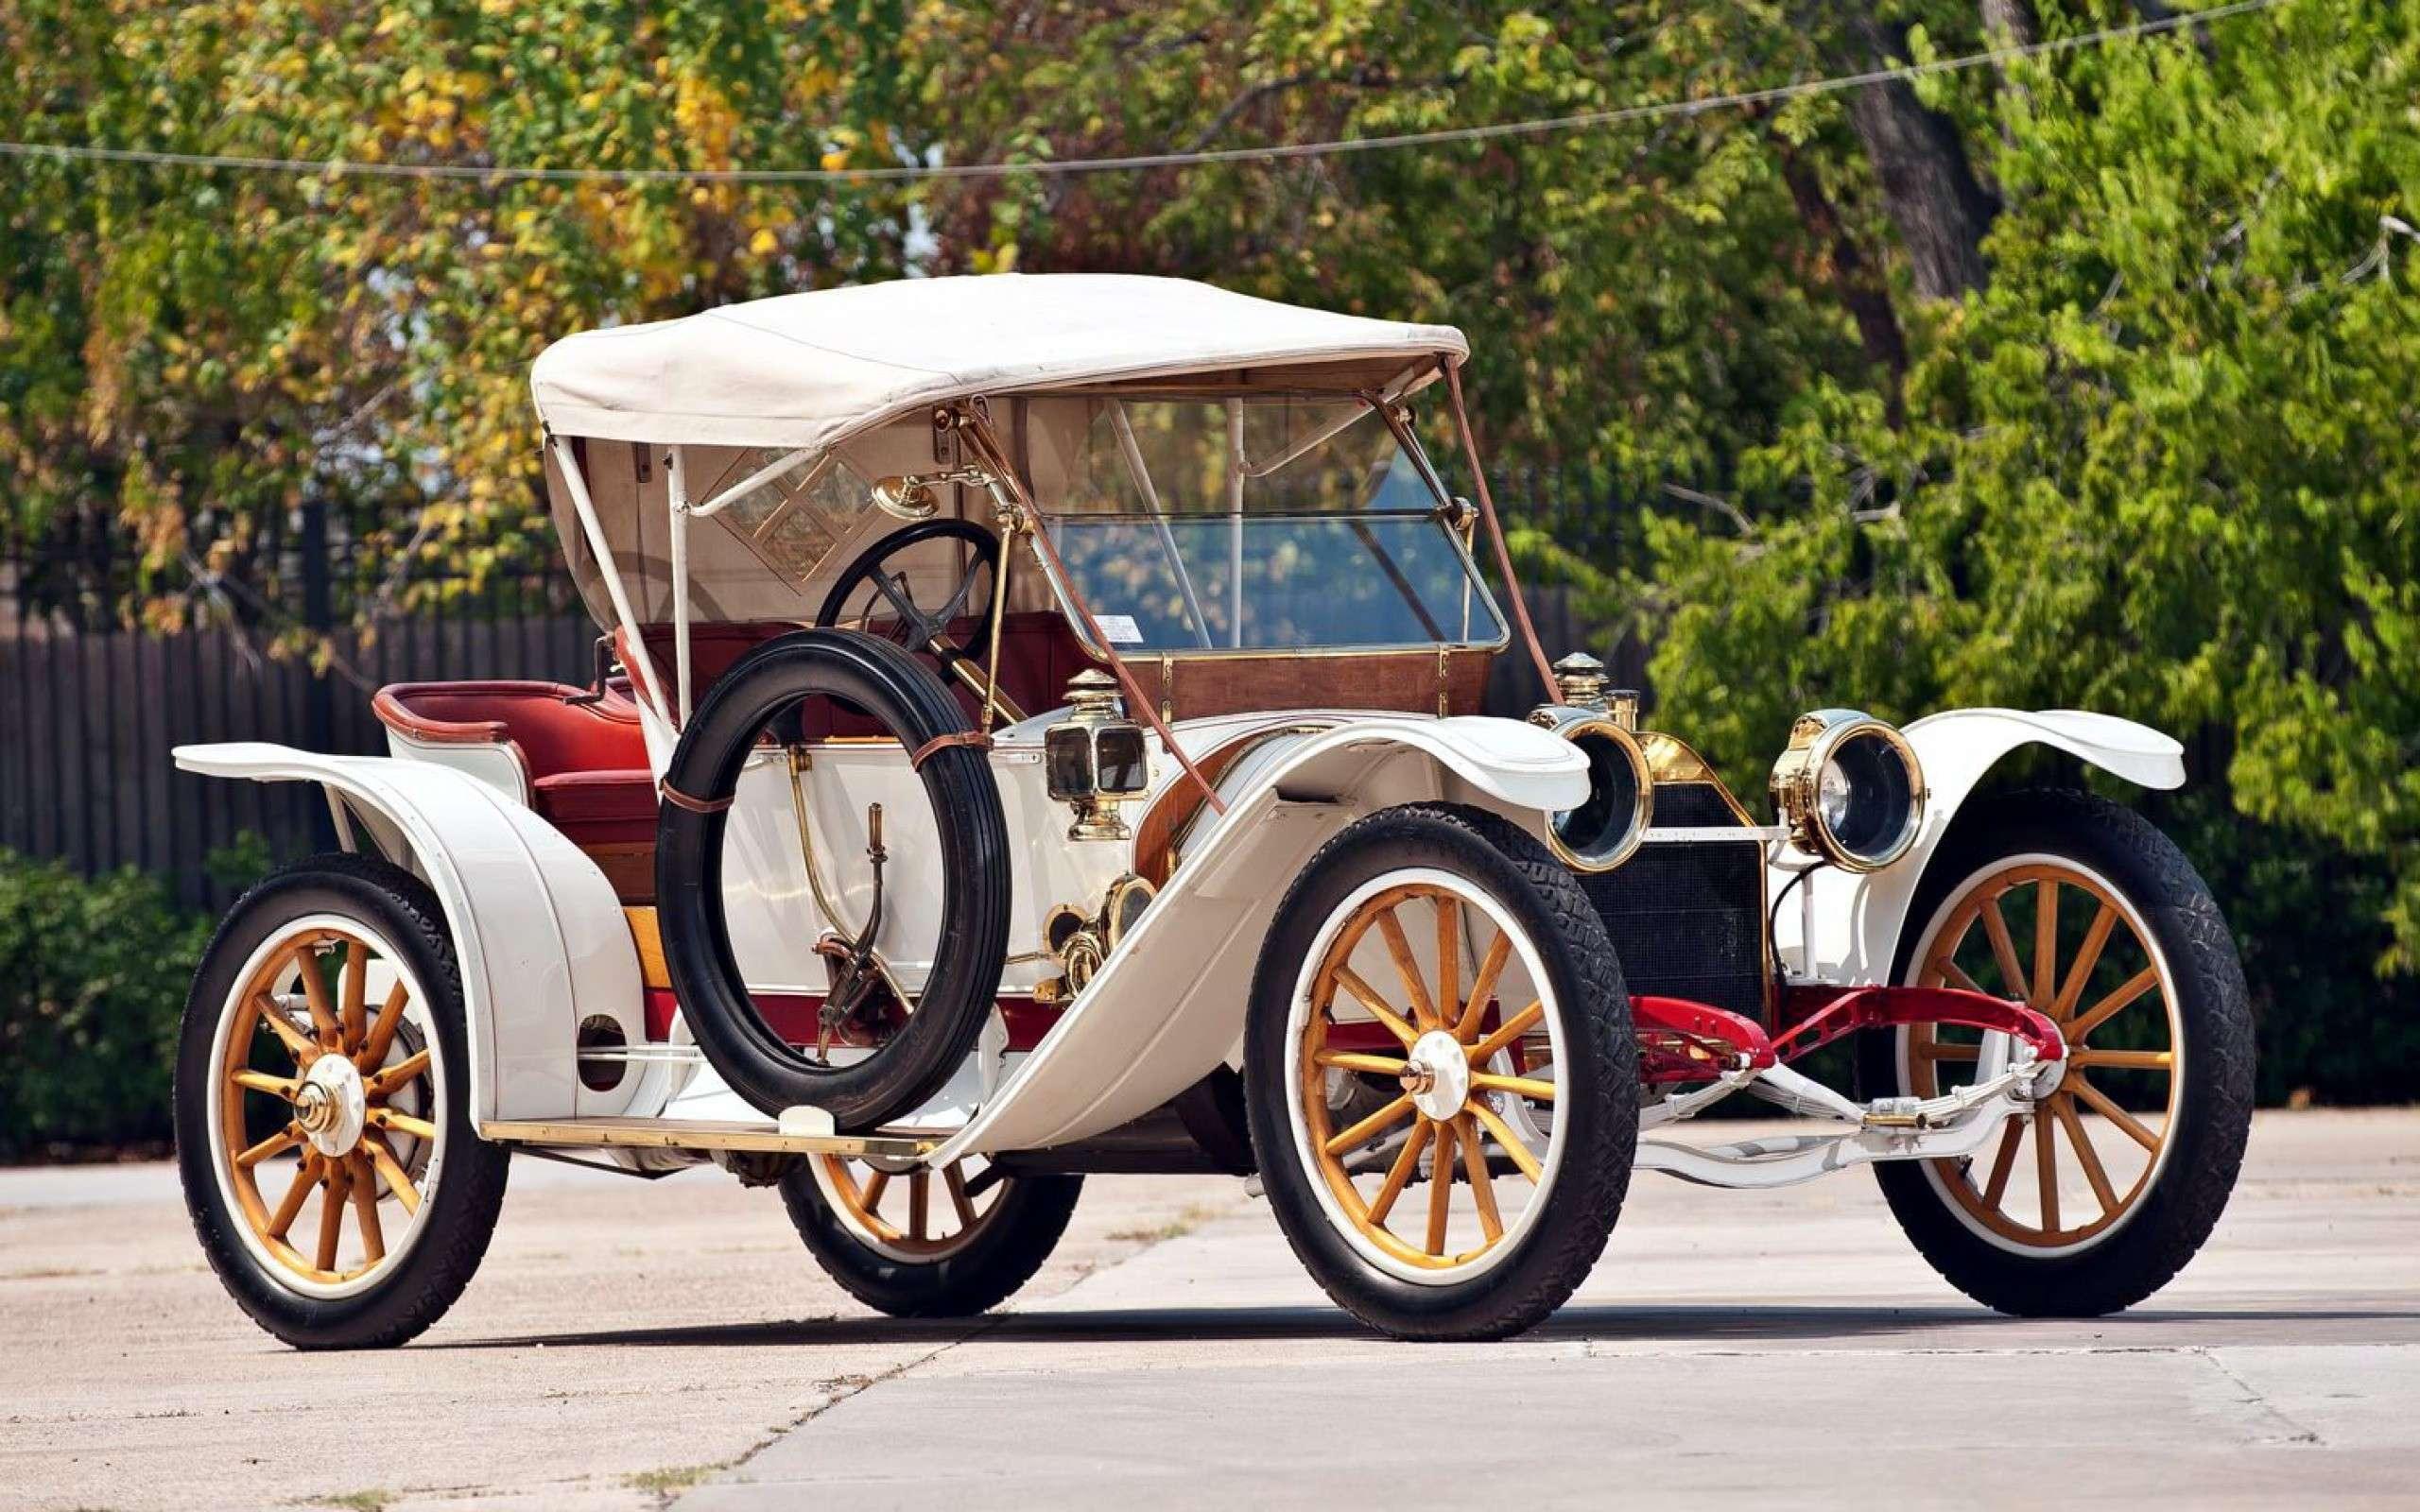 old-car - D for Delhi